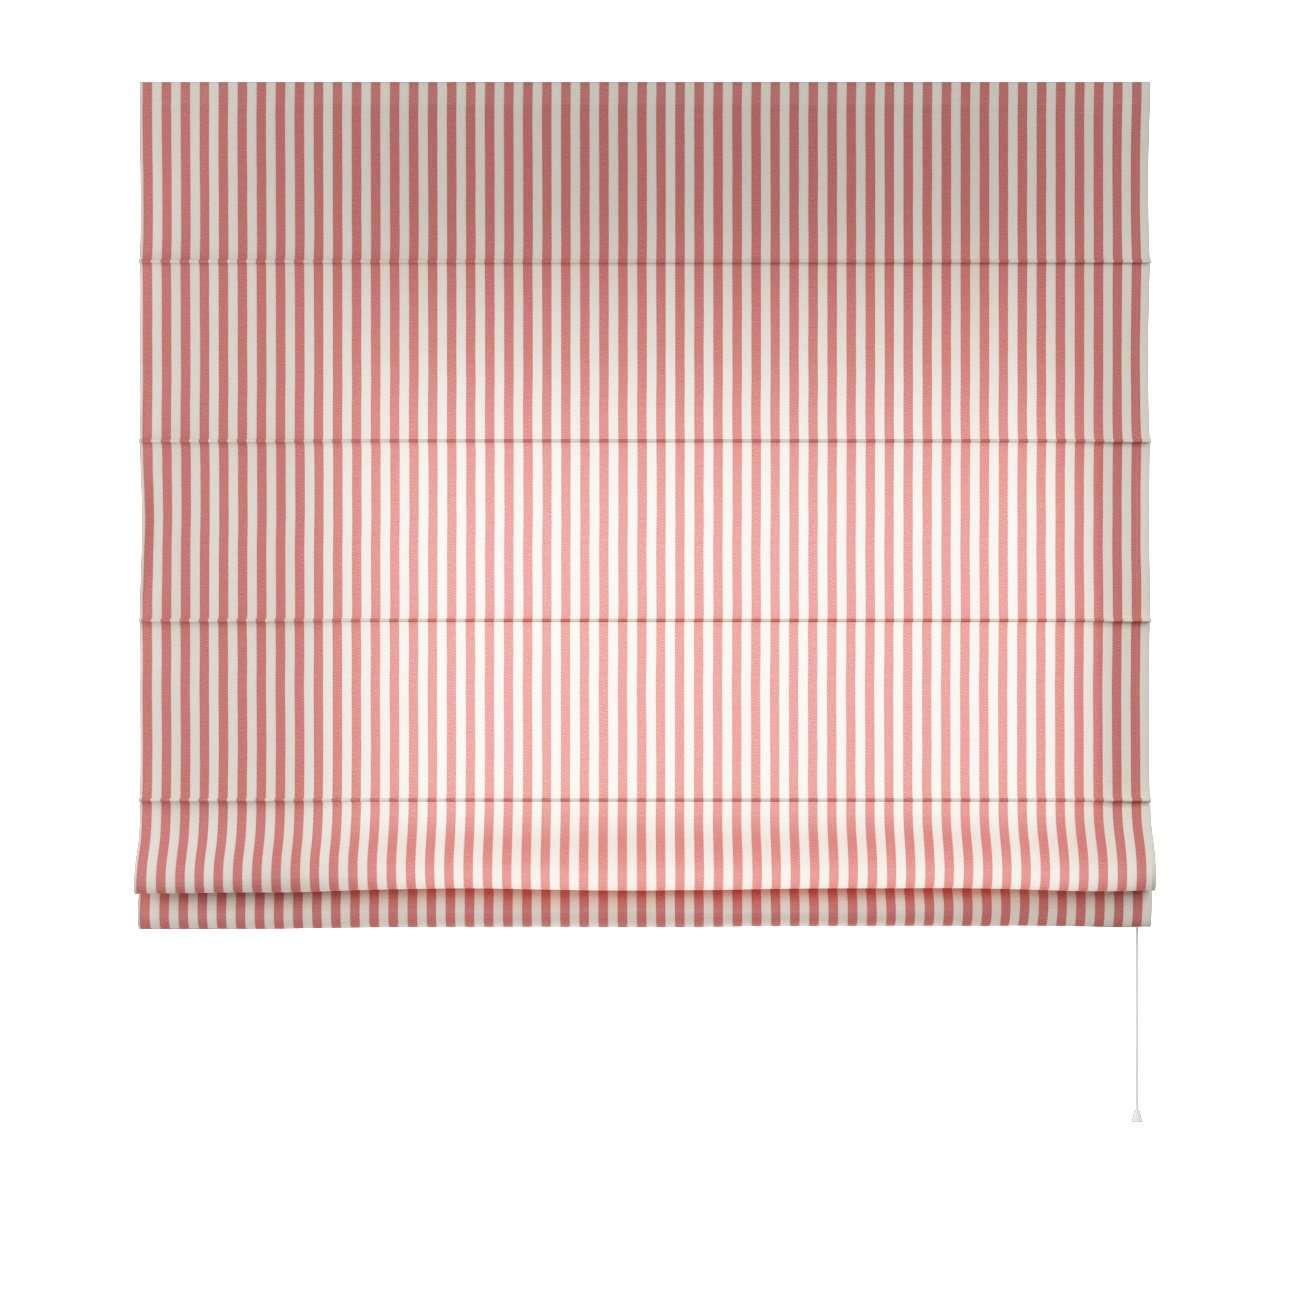 Liftgardin Capri<br/>Uten volang 80 x 170 cm fra kolleksjonen Quadro, Stoffets bredde: 136-17